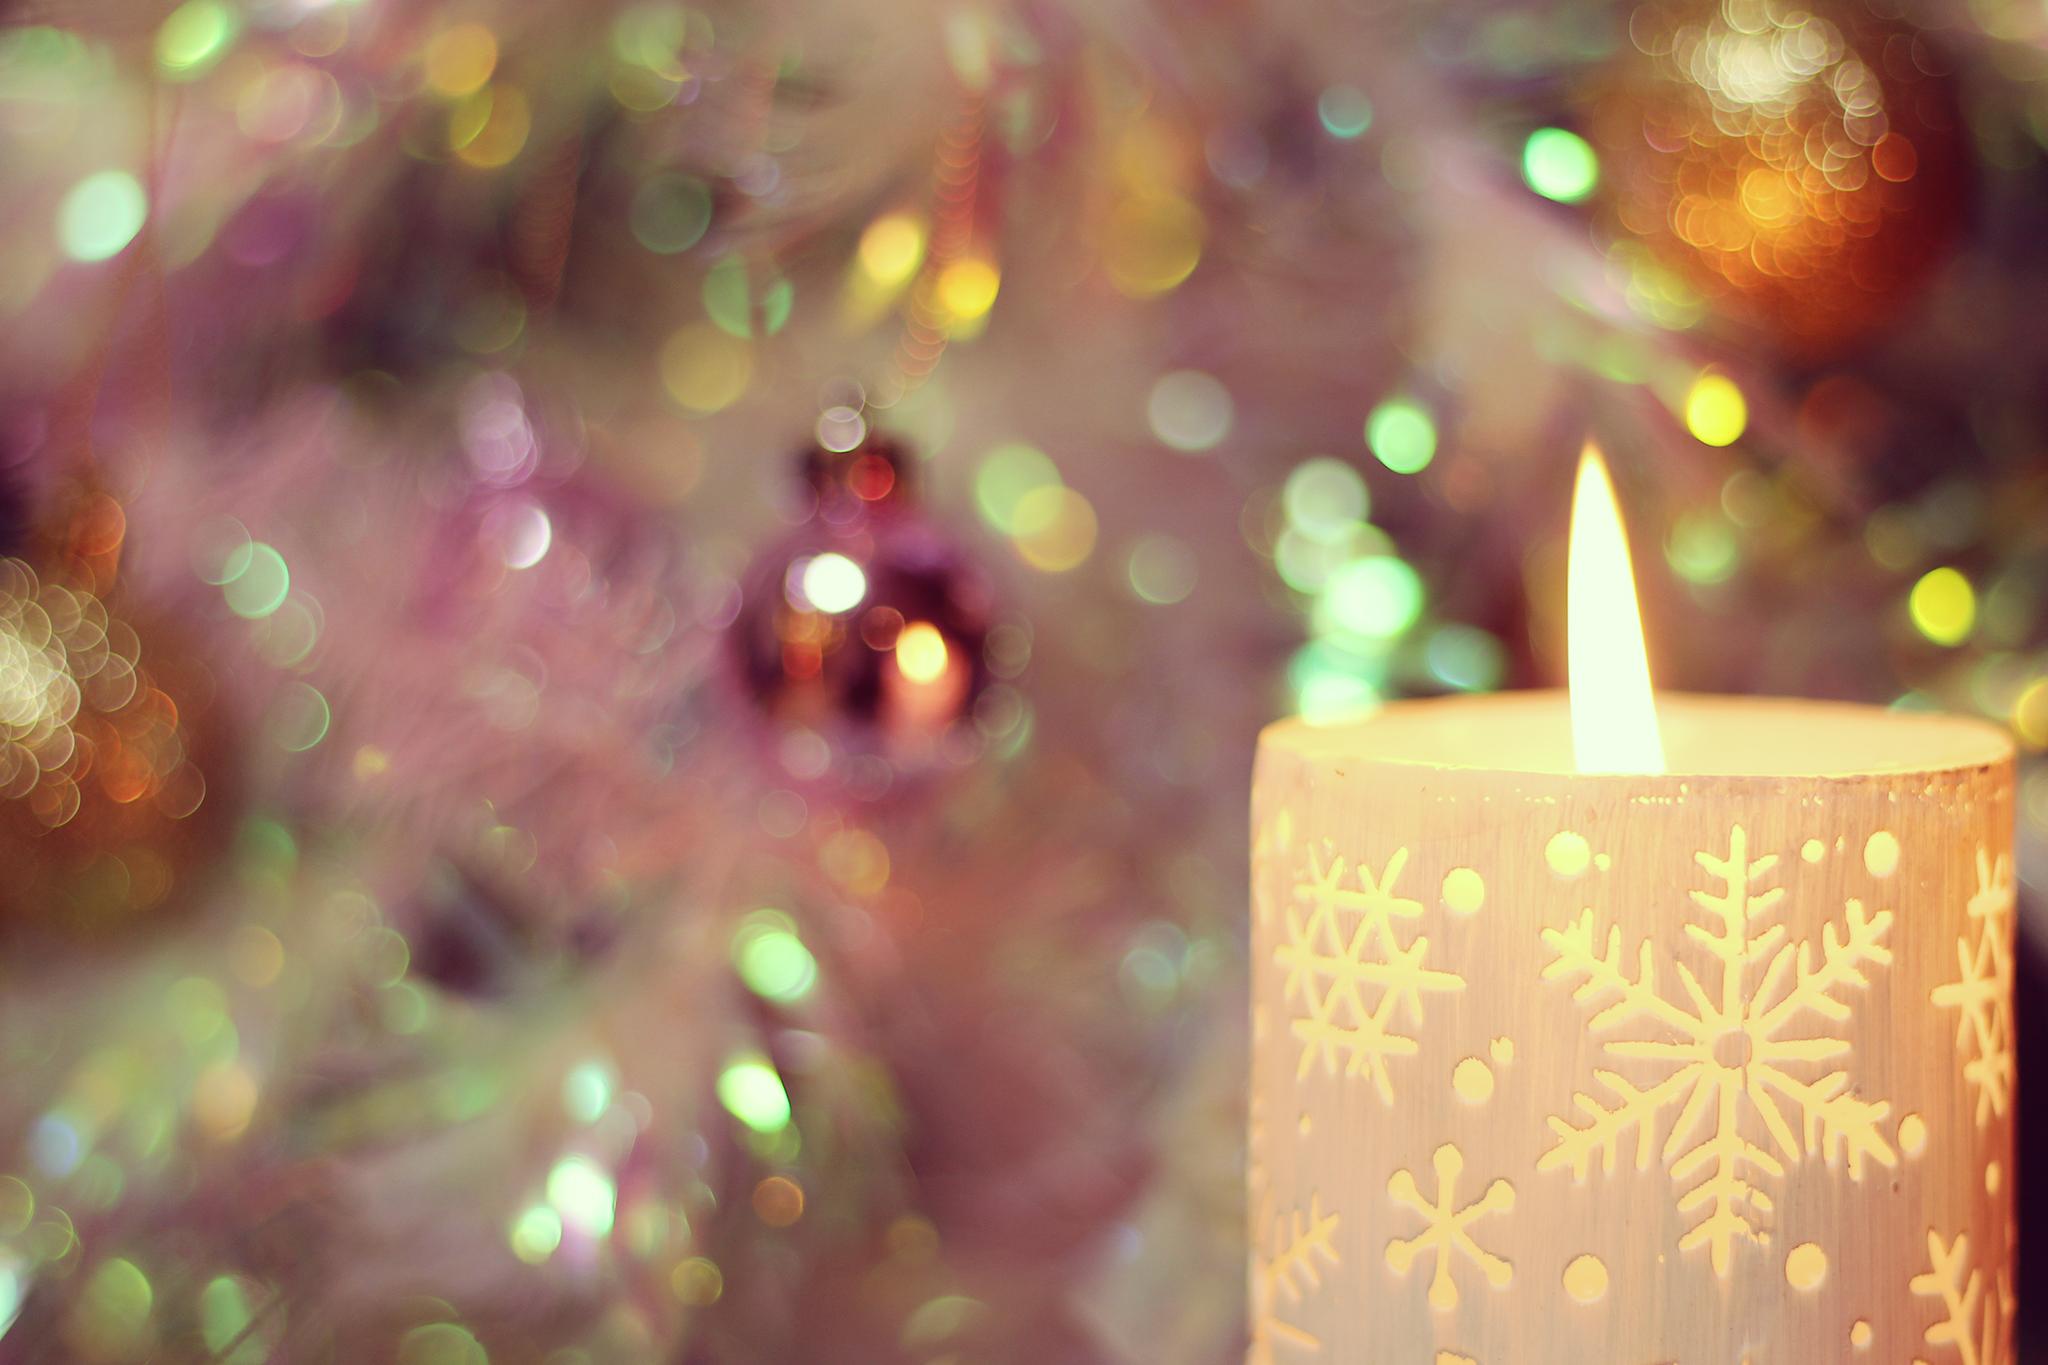 クリスマスの一人での過ごし方のおすすめは?一人のクリスマスは寂しいのか